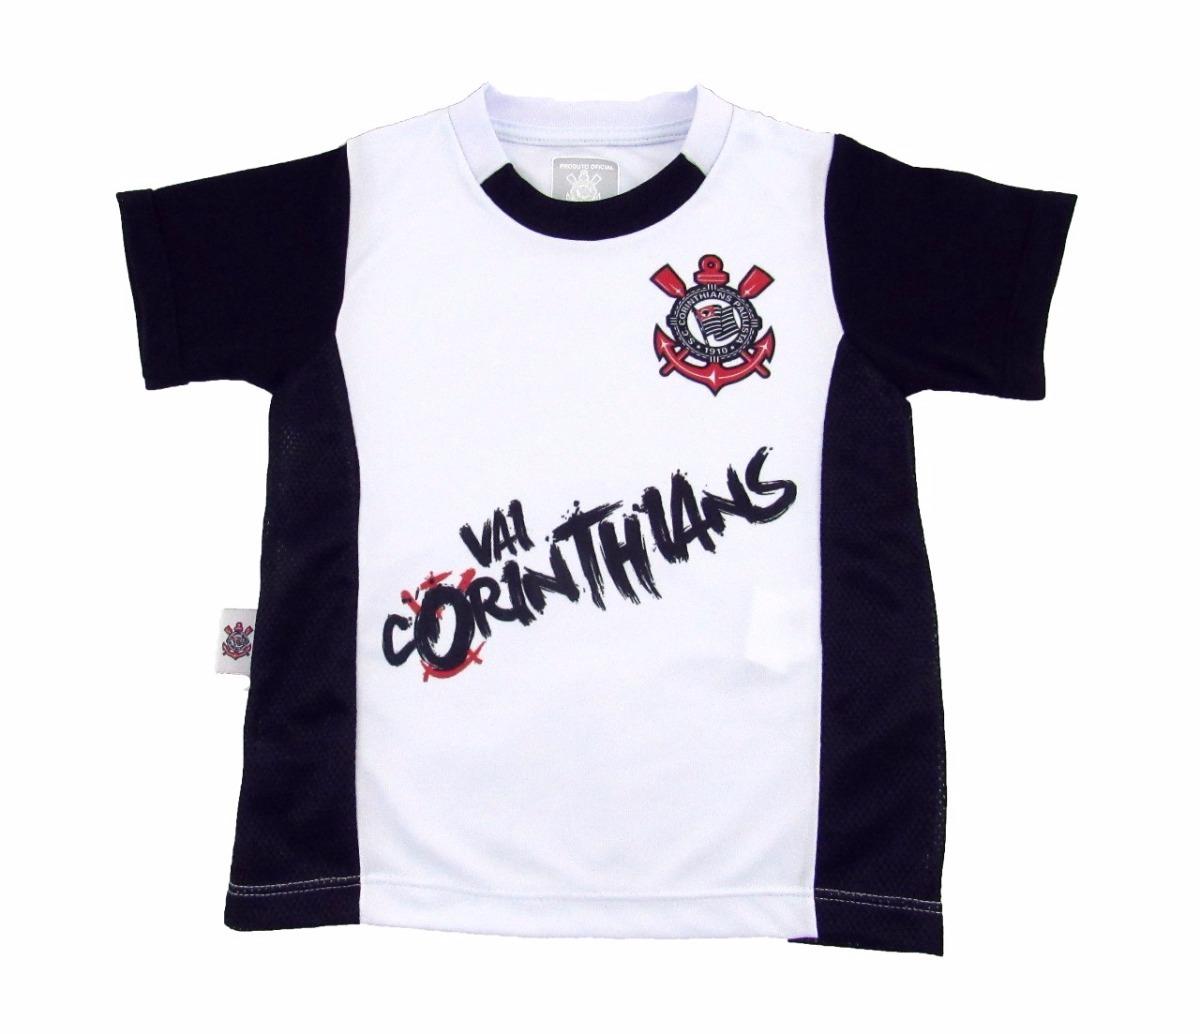 camisa do corinthians infantil oficial menino timão. Carregando zoom. ce1f715619094